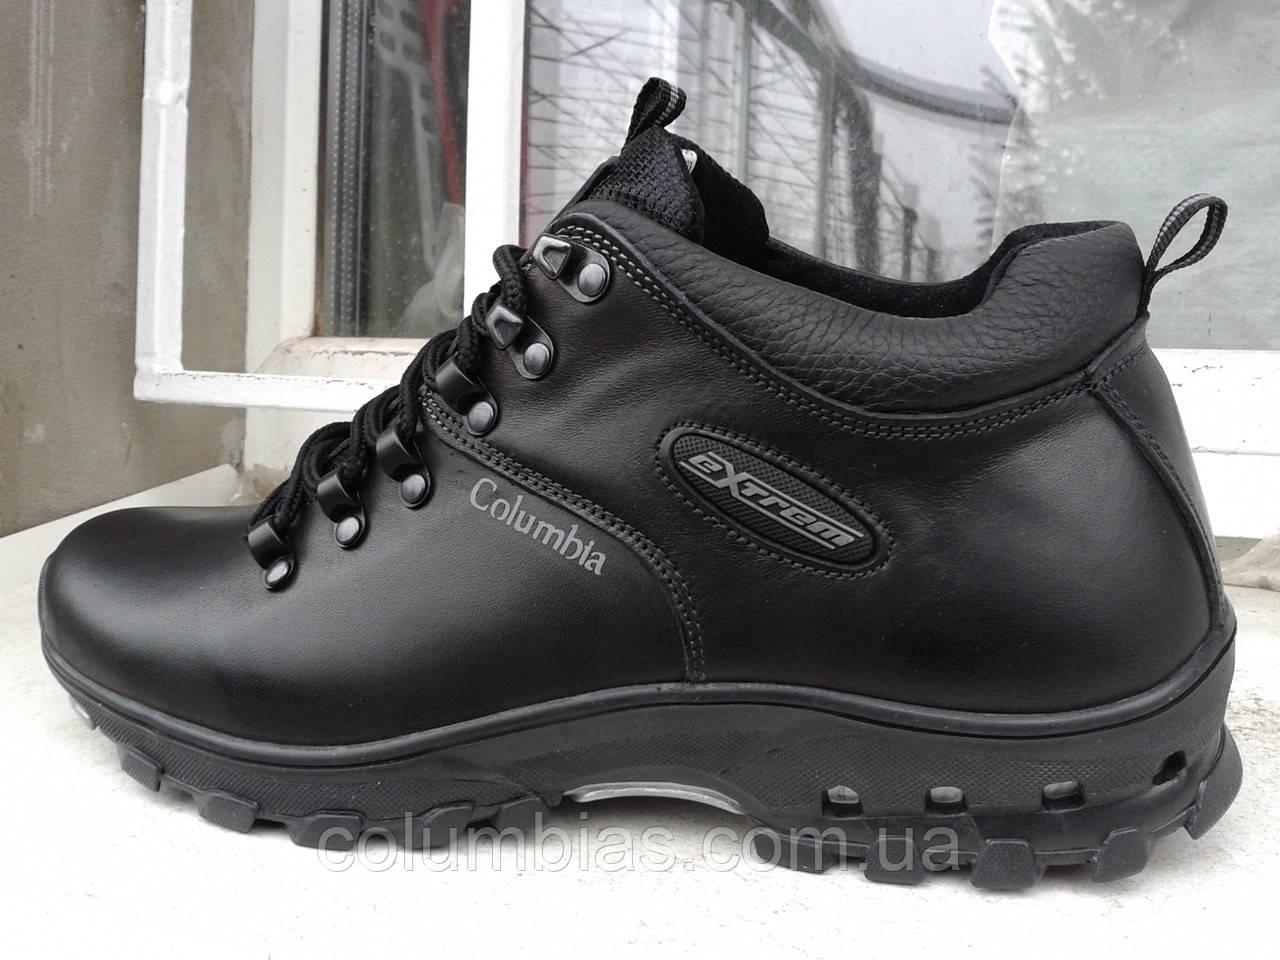 Акция!Зимние ботинки Columbiaa